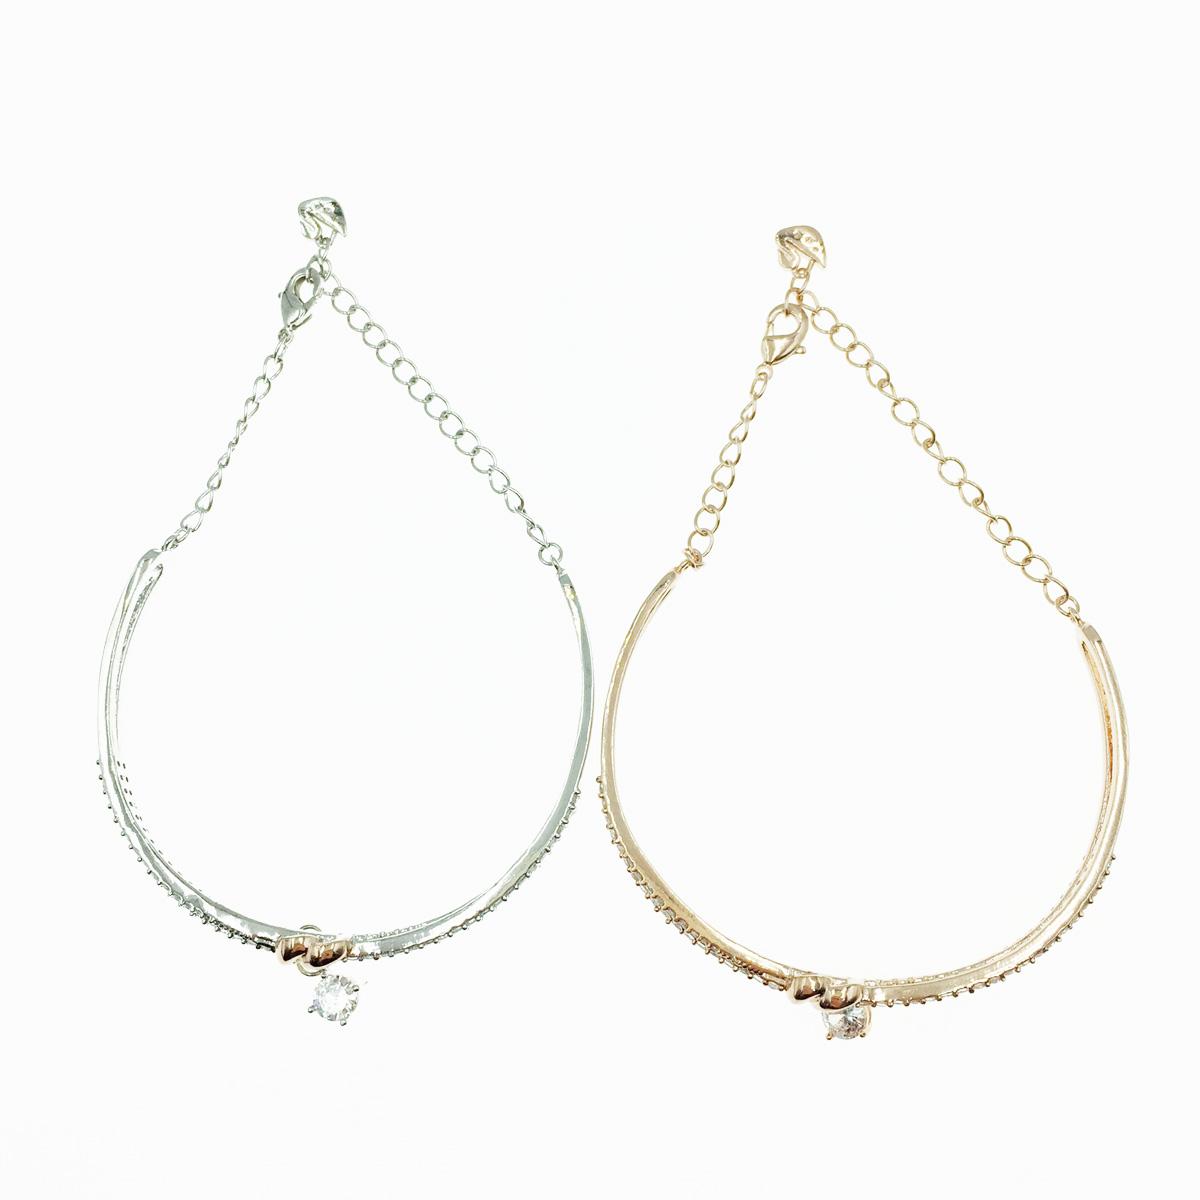 韓國 愛心 水鑽墜飾 2色 手飾 手鍊 手環